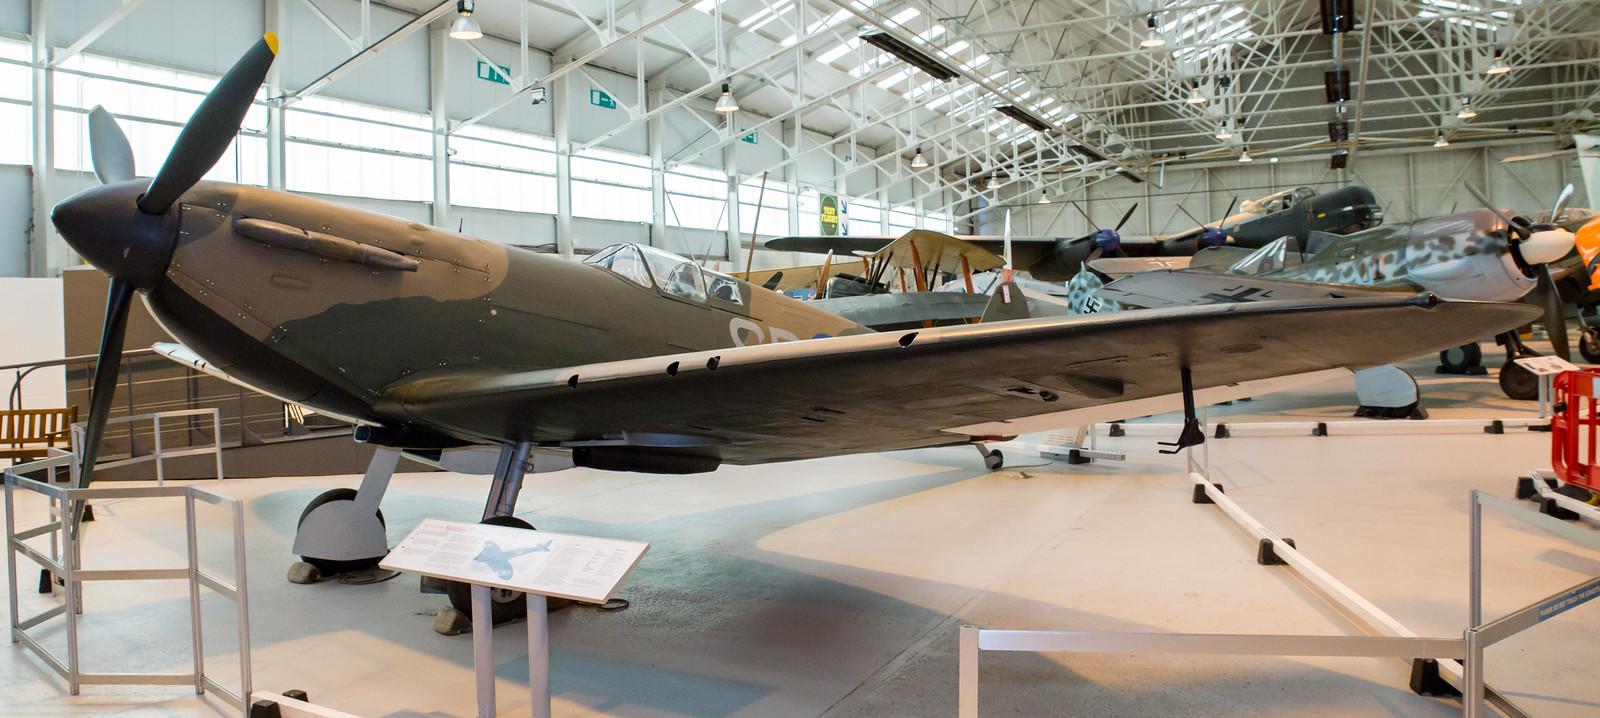 SpitfireMk1